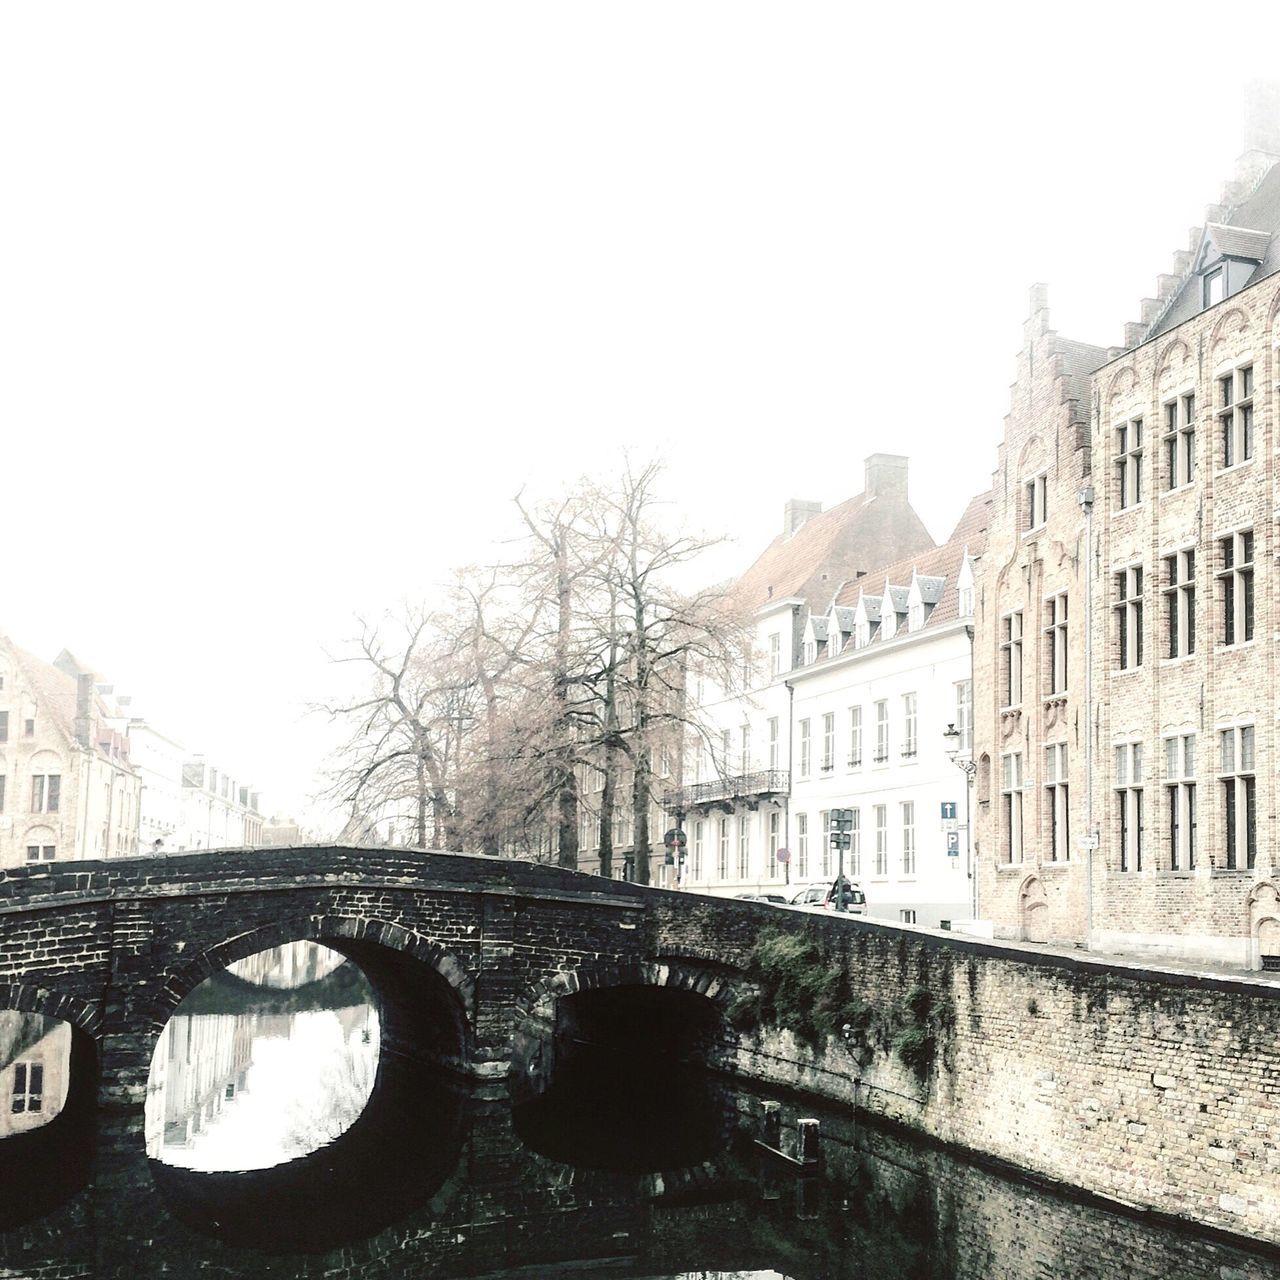 c o u n t o u r s Architecture Bridge Pale Pastel Peaceful